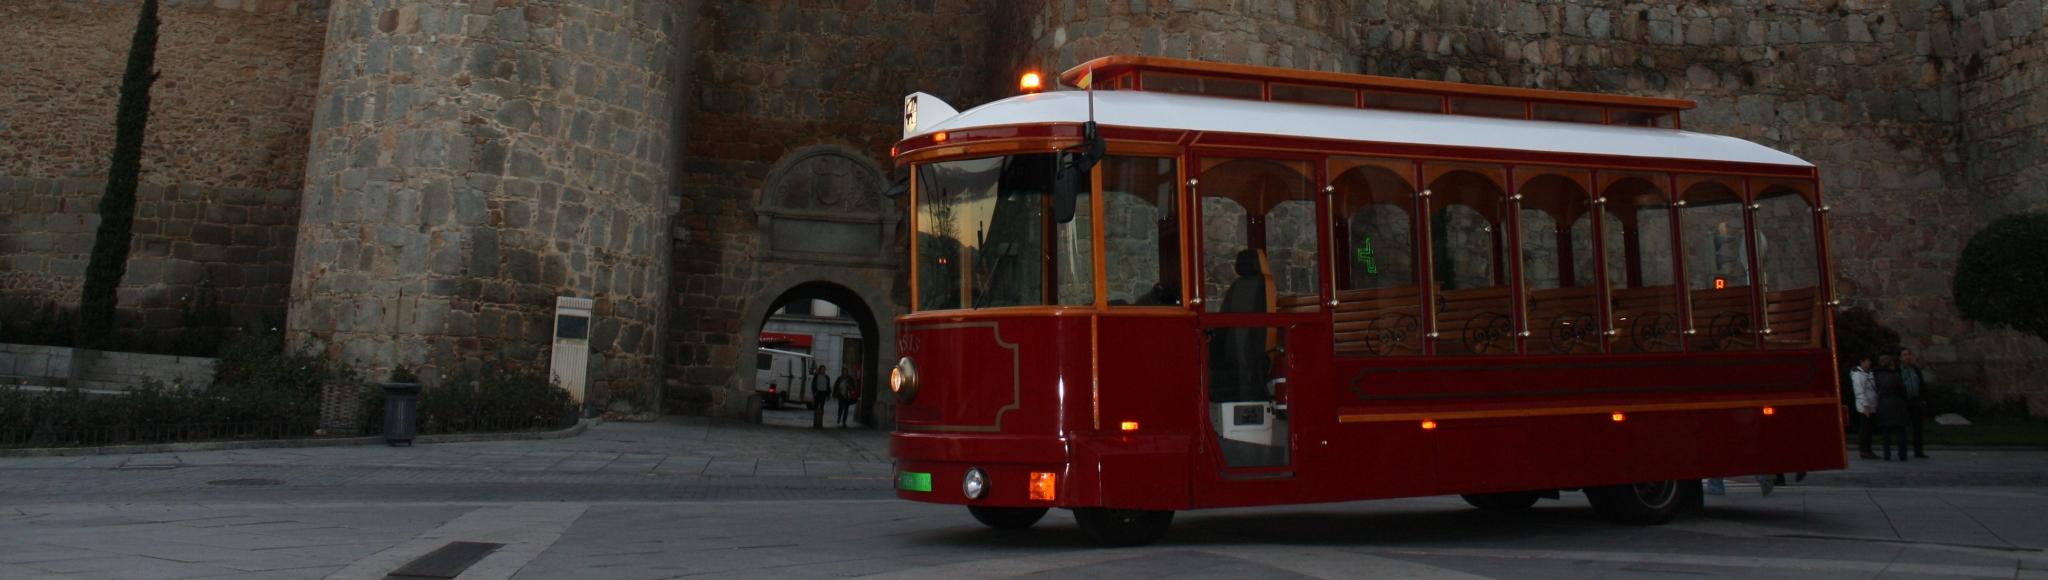 El Tranvía de Ávila